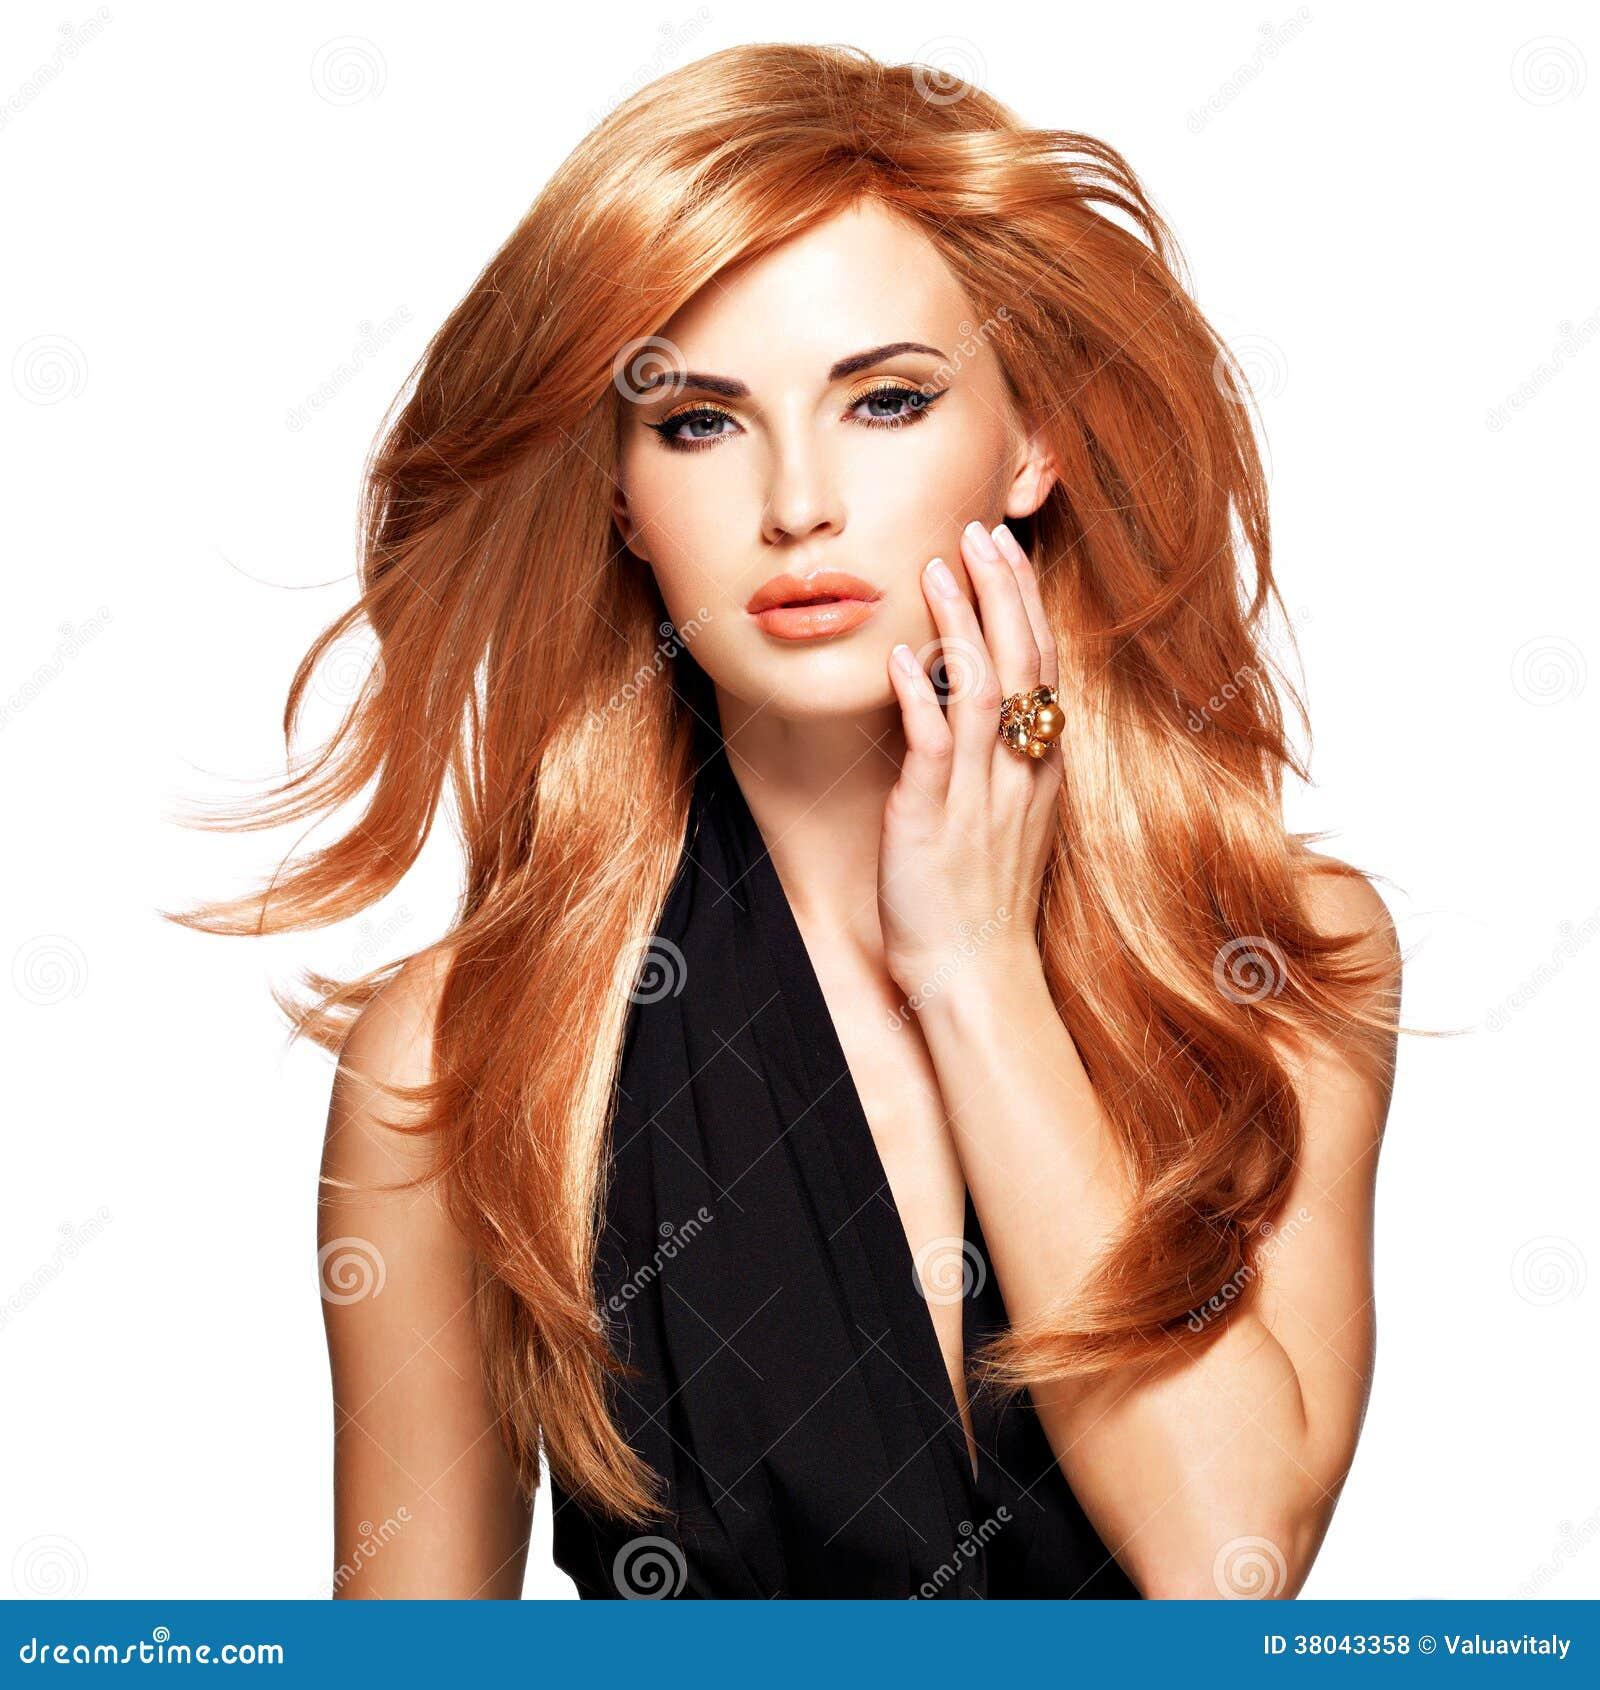 mulher-bonita-com-cabelo-vermelho-por-mu